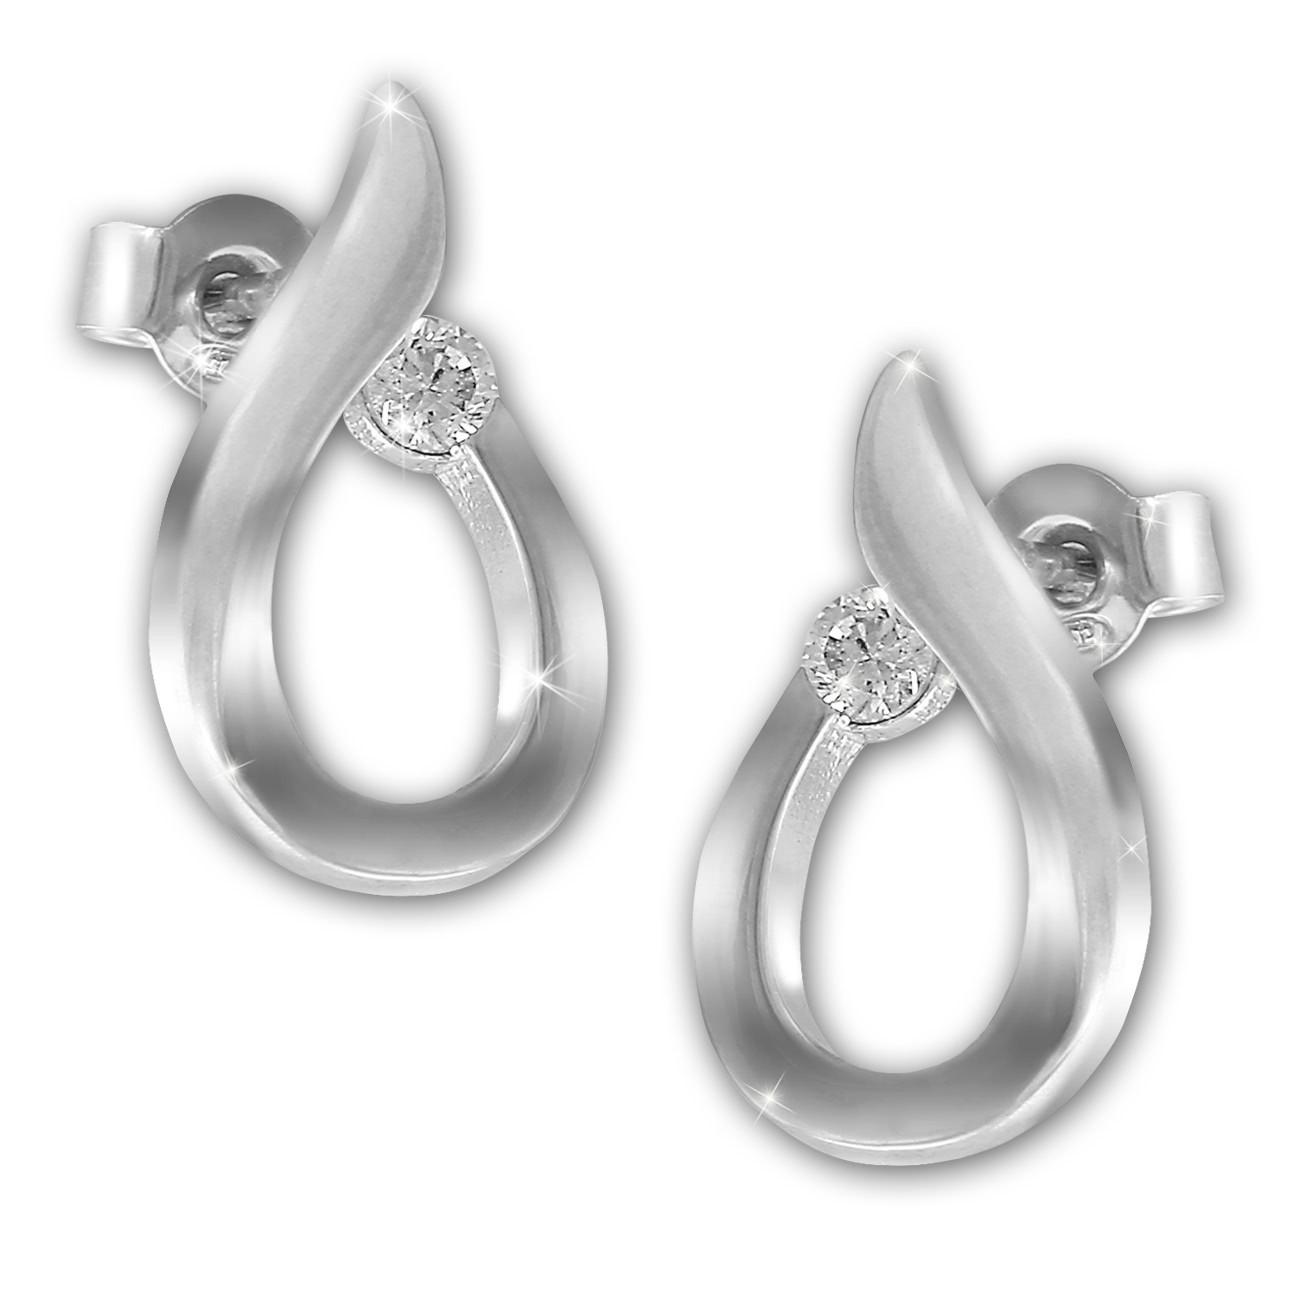 SilberDream Ohrstecker Tropfen Zirkonia weiß 925 Silber Damen Ohrring SDO4305W